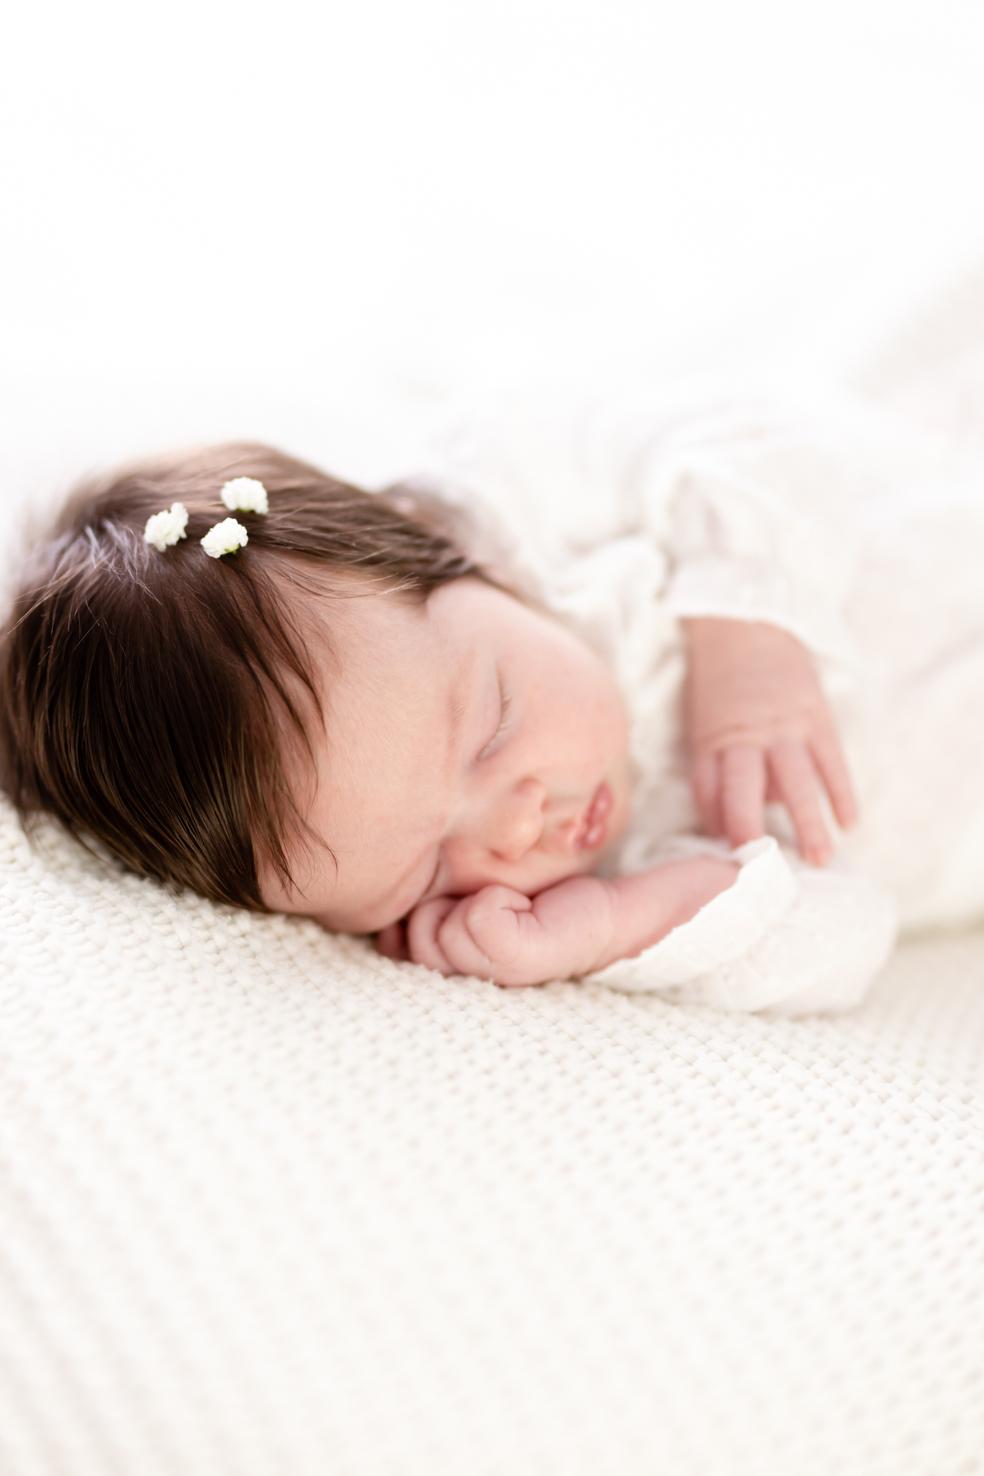 vauvaukuvaus